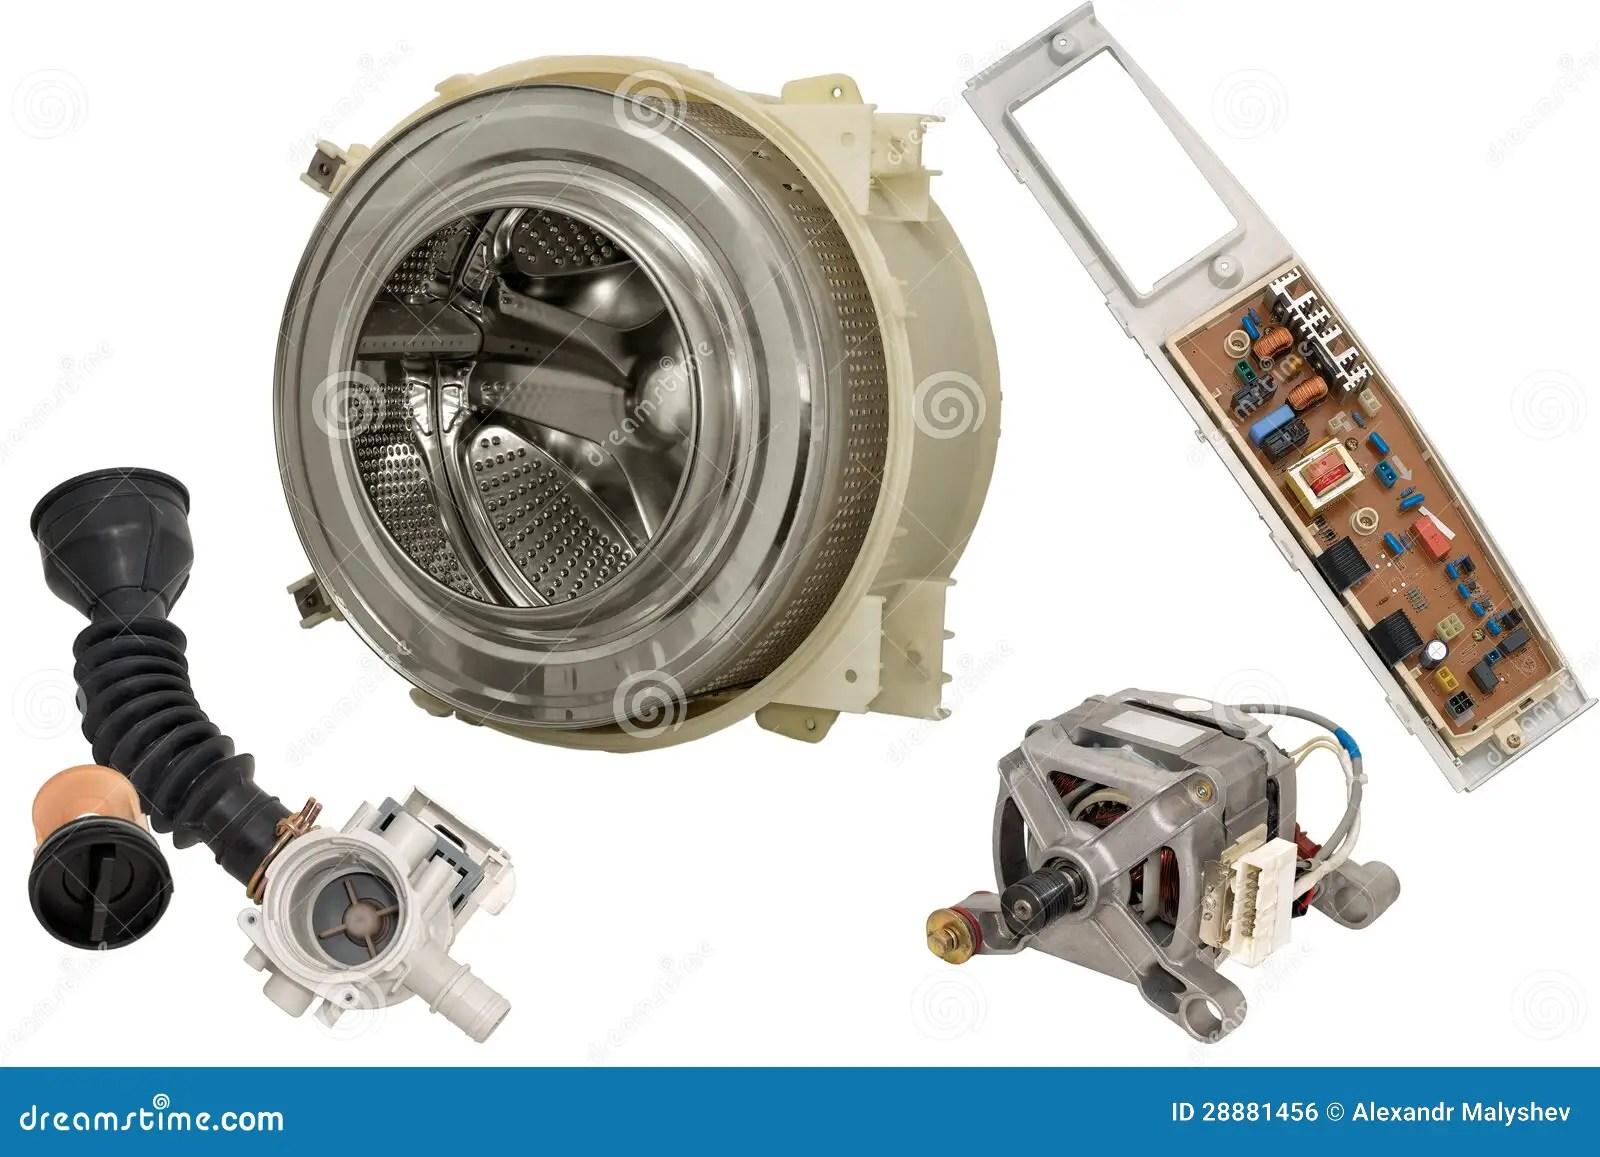 Splendide Washer Dryer Parts Manual